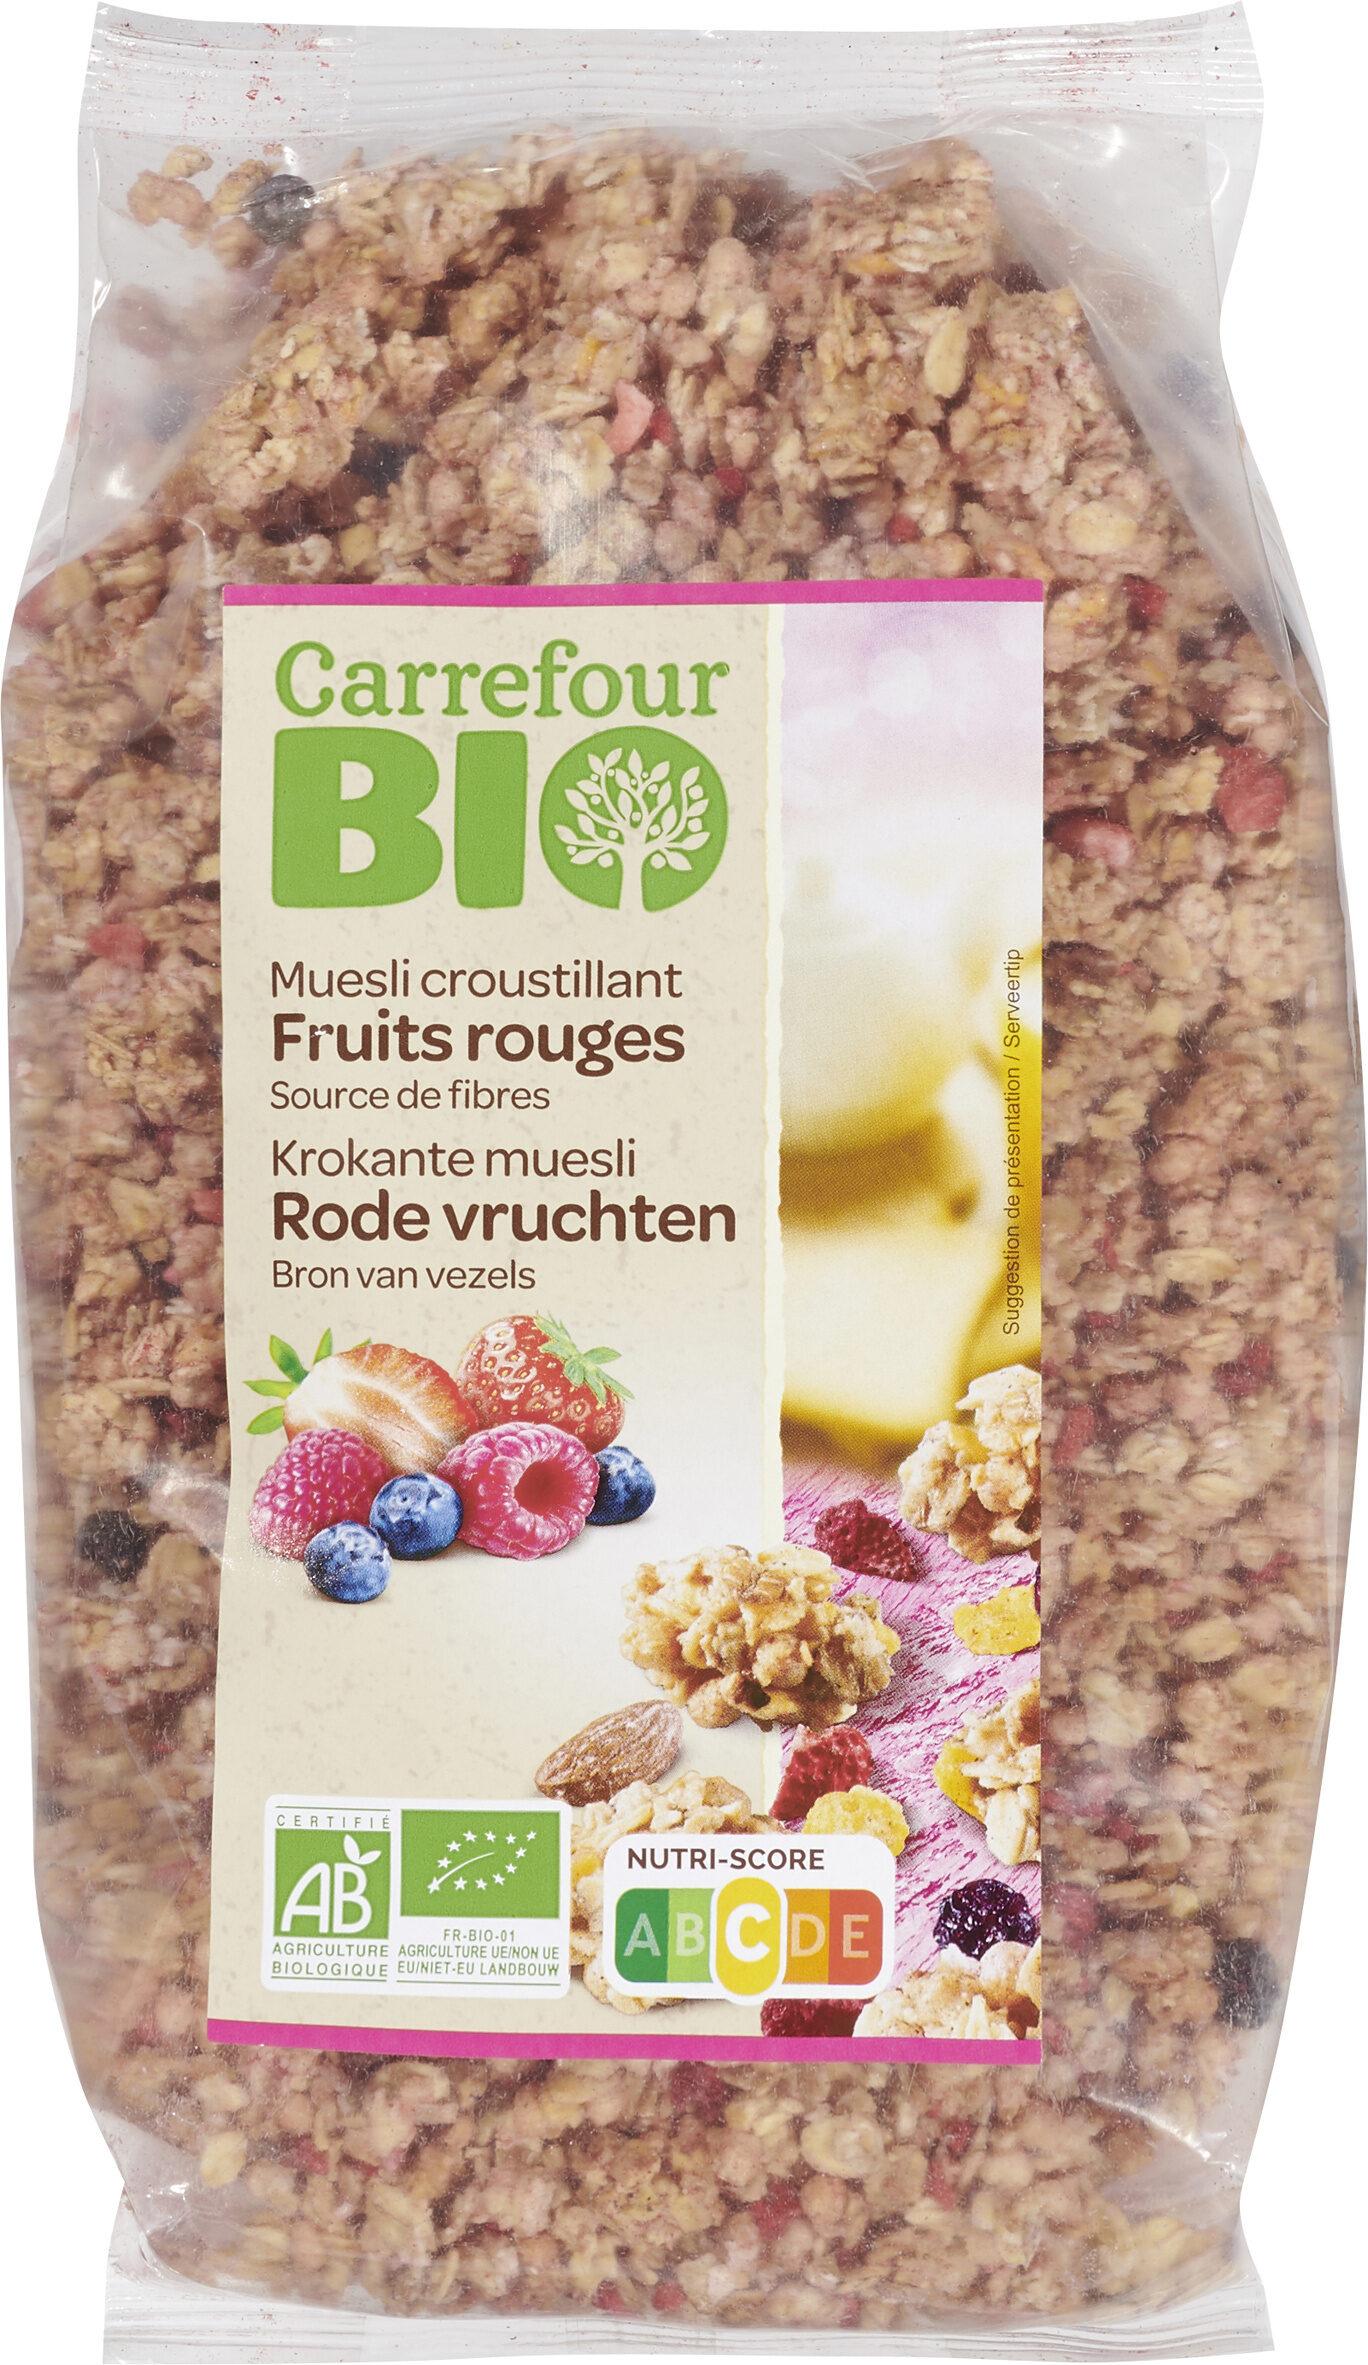 Muesli croustillant Fruits rouges - Produit - fr